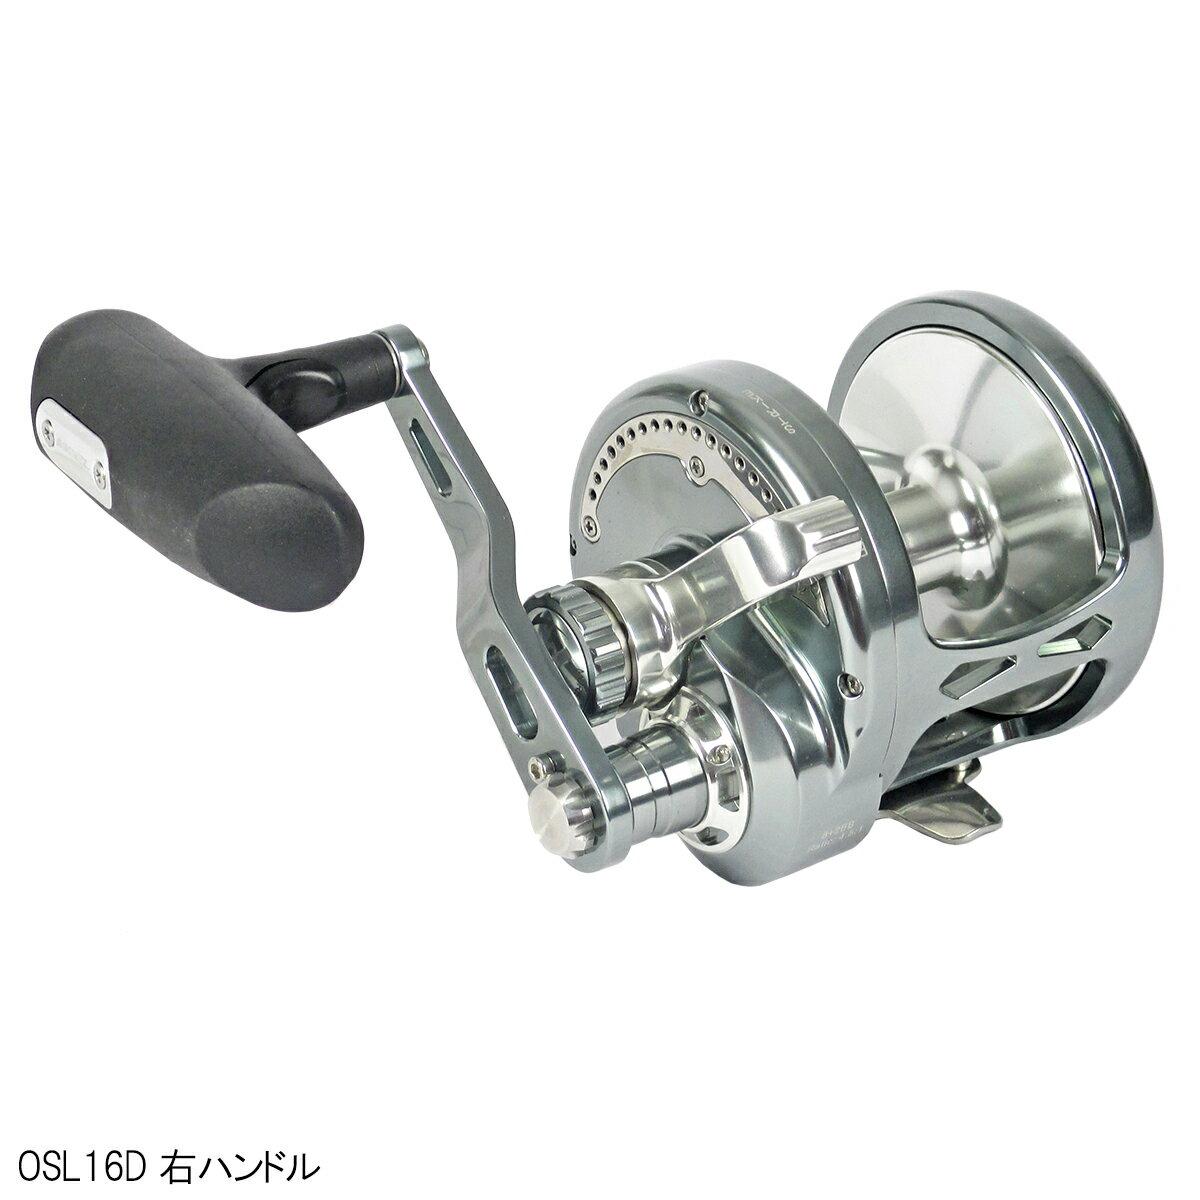 シーライオンPG OSL16D Gunsmoke/Silver 右ハンドル【送料無料】